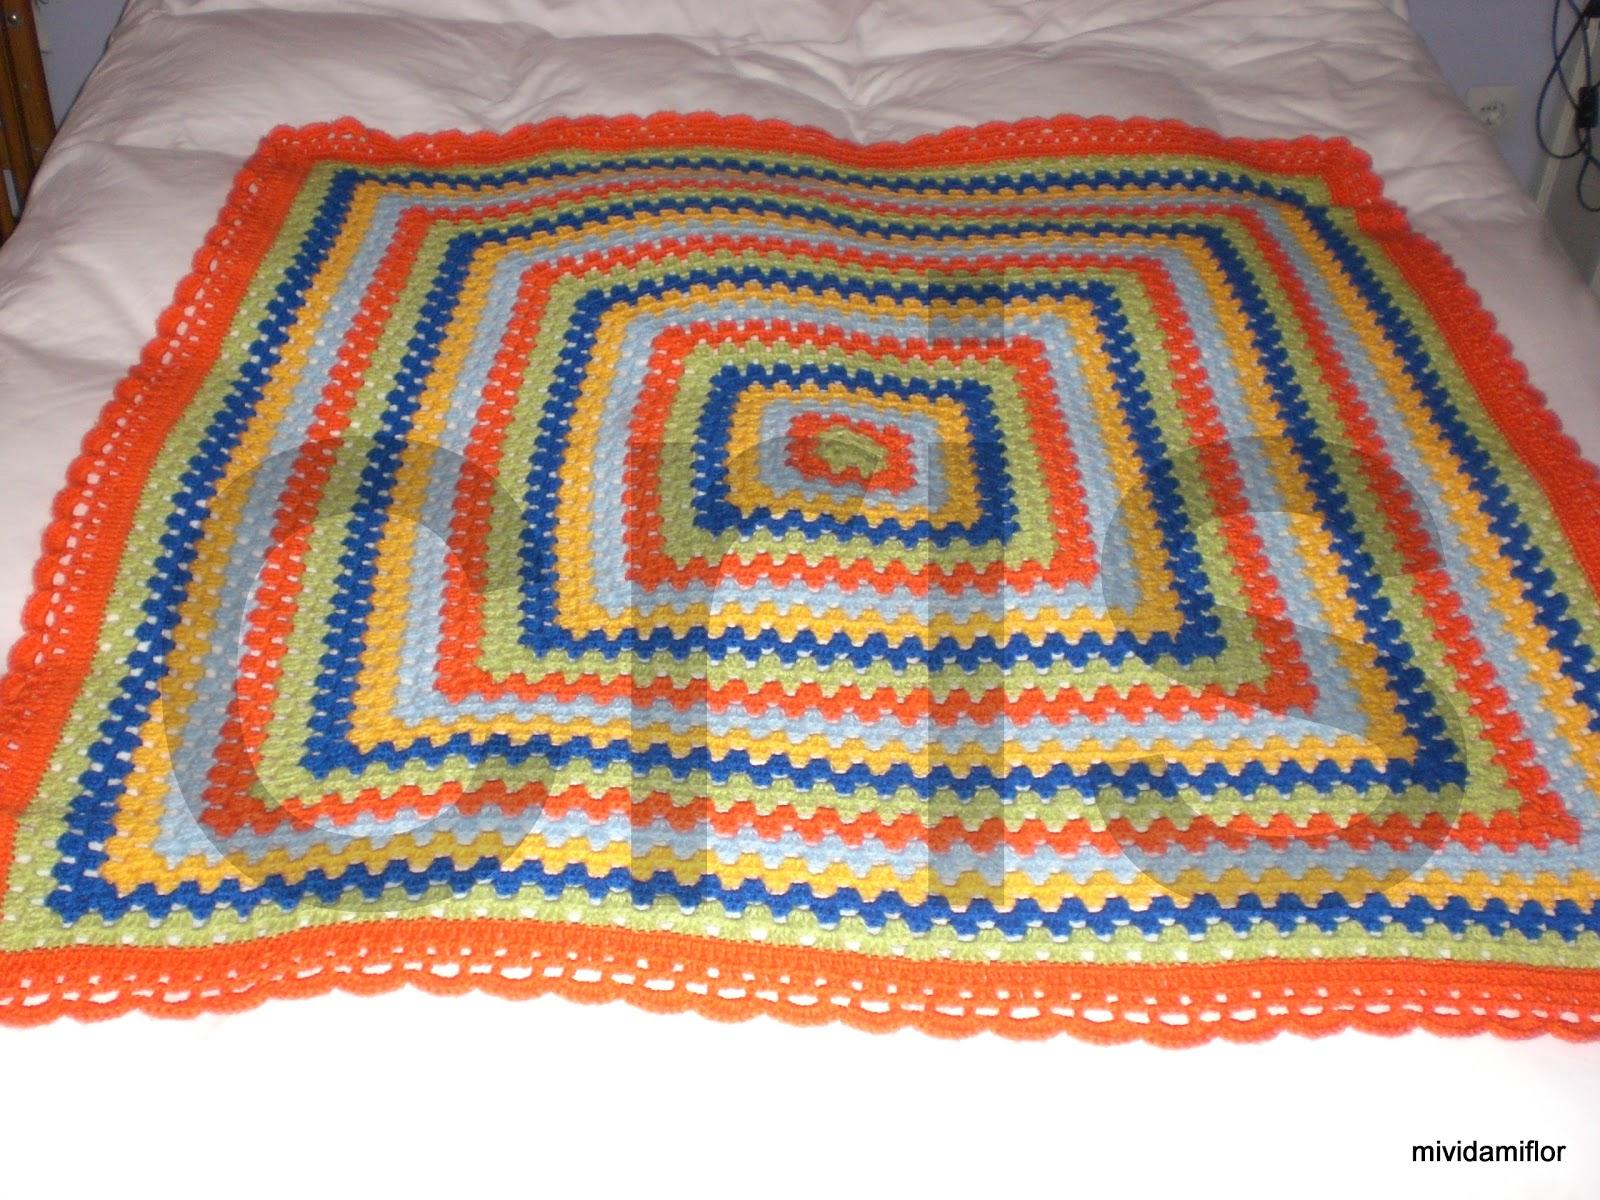 Mantas de crochet paso a paso imagui - Mantas de crochet paso a paso ...